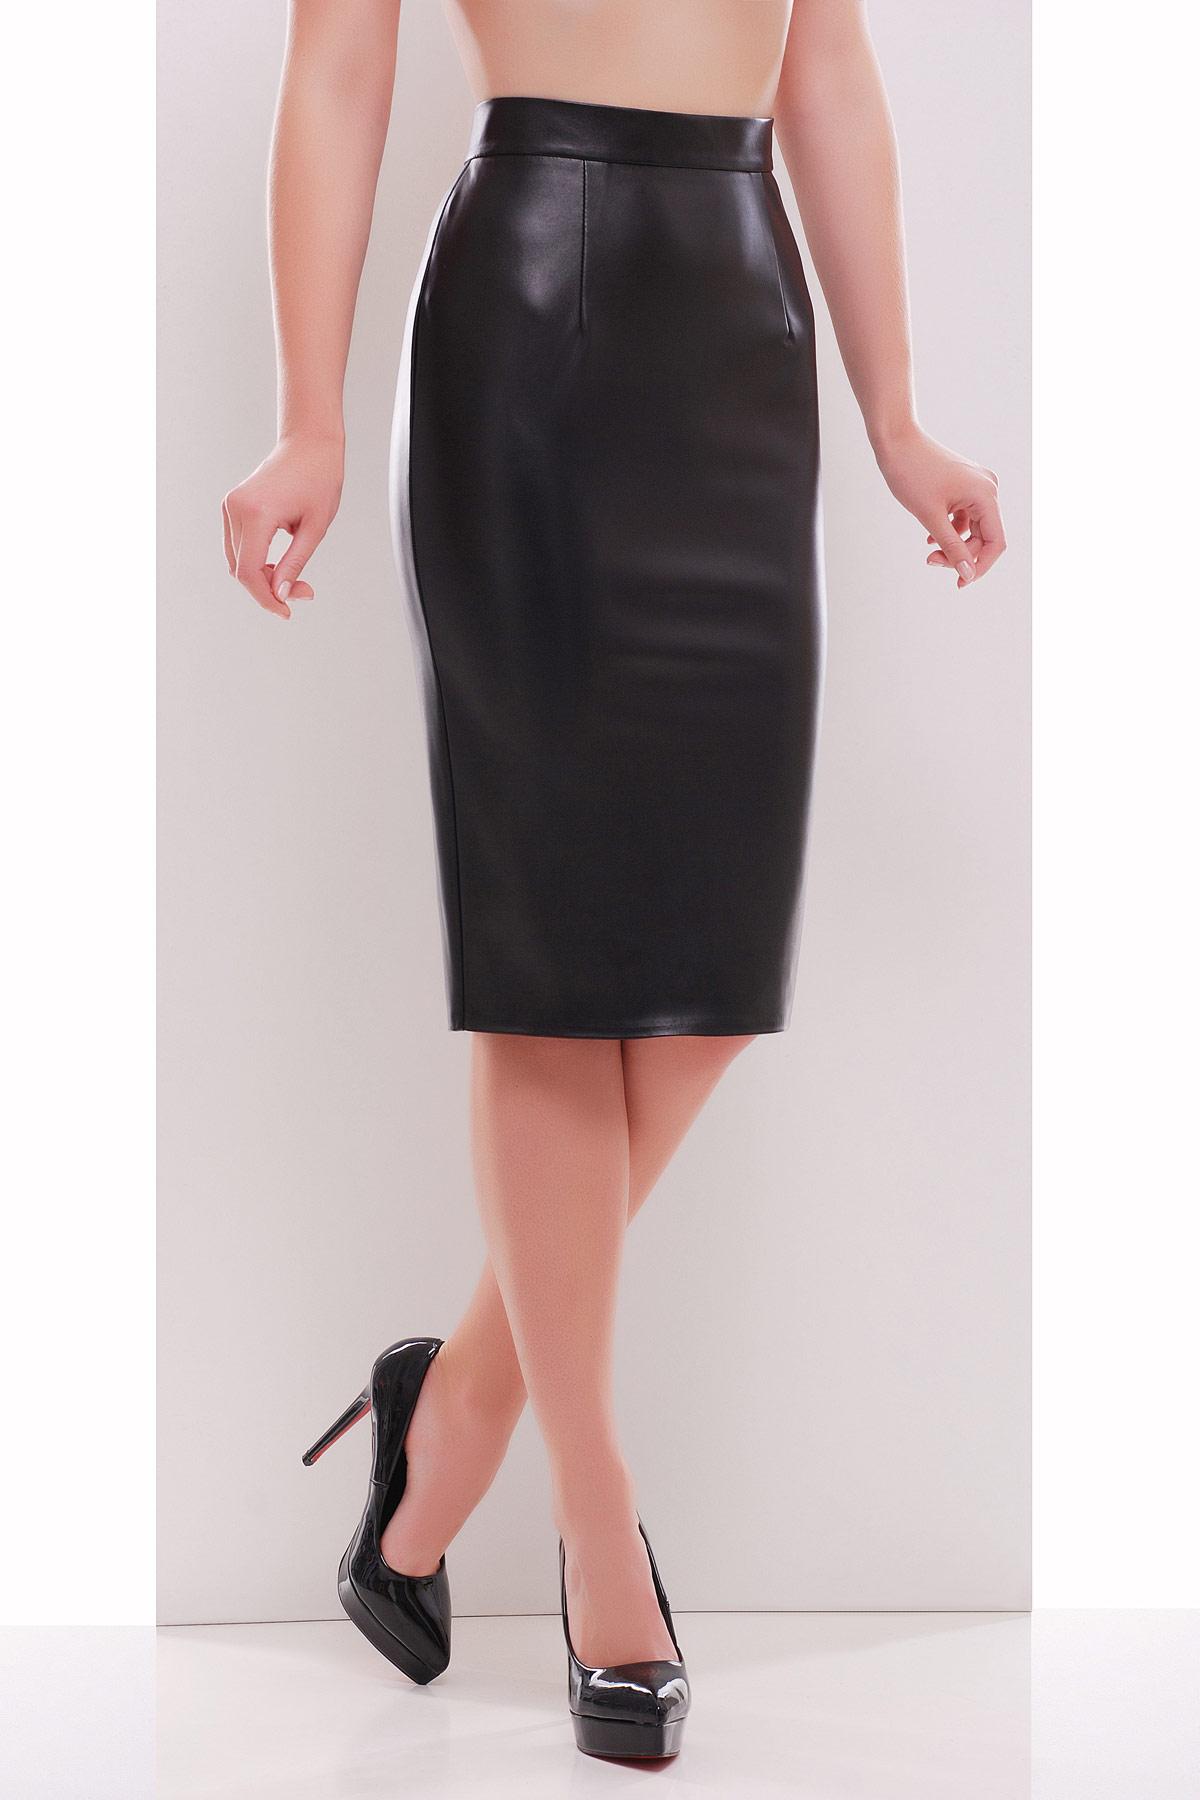 черная юбка карандаш из экокожи. юбка мод. №29 (кожа). Цвет: черный